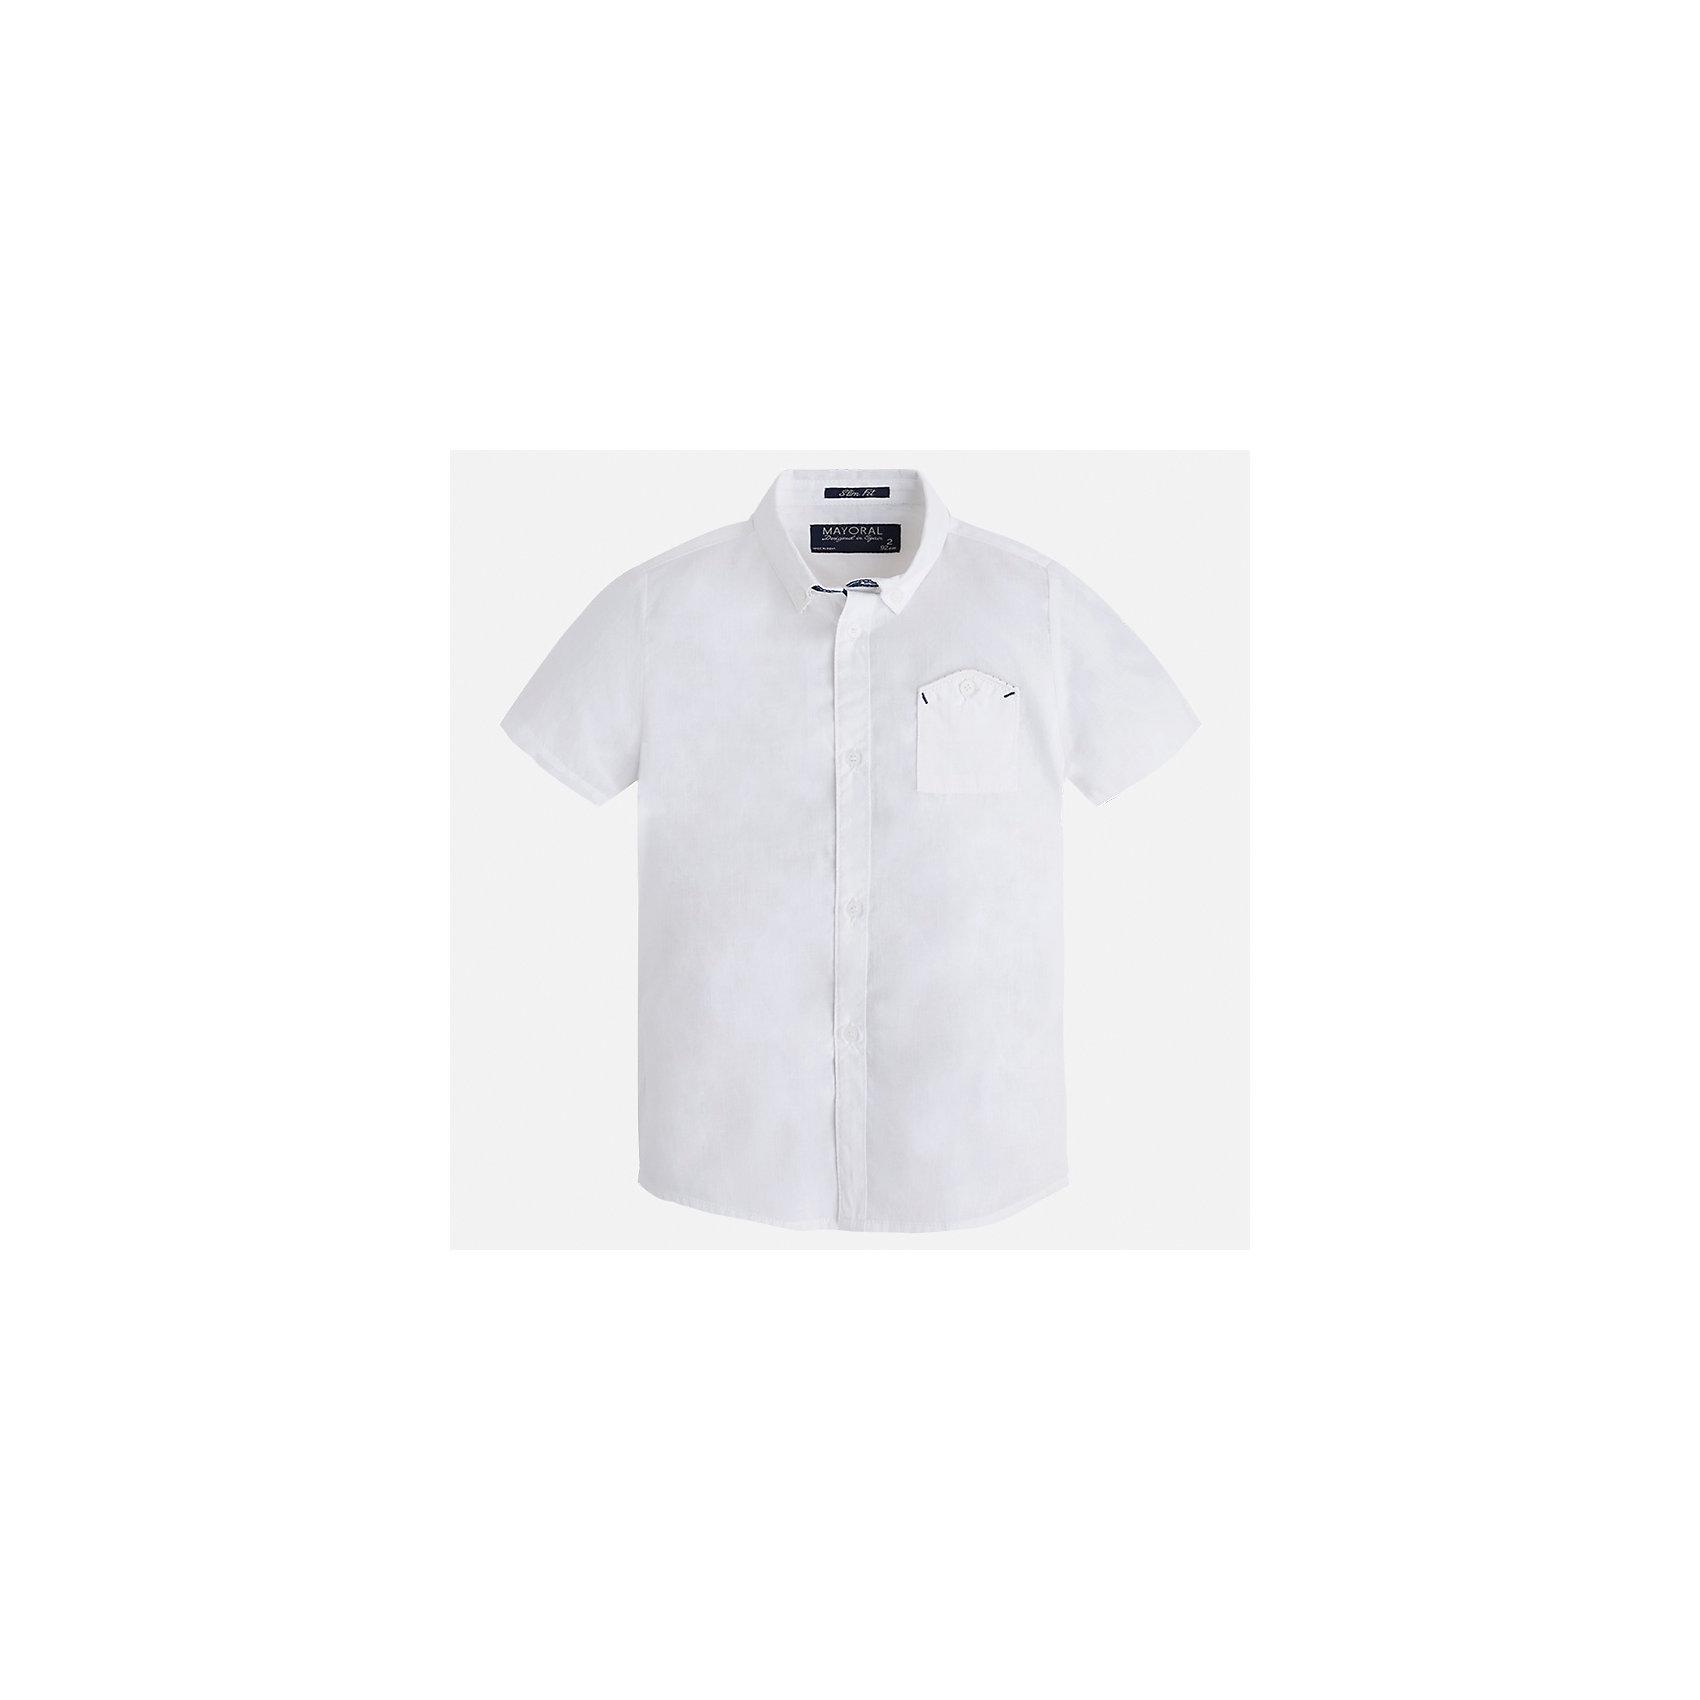 Рубашка для мальчика MayoralОдежда<br>Характеристики товара:<br><br>• цвет: белый<br>• состав: 100% хлопок<br>• отложной воротник<br>• короткие рукава<br>• застежка: пуговицы<br>• карман на груди<br>• страна бренда: Испания<br><br>Стильная рубашка для мальчика может стать базовой вещью в гардеробе ребенка. Она отлично сочетается с брюками, шортами, джинсами и т.д. Универсальный крой и цвет позволяет подобрать к вещи низ разных расцветок. Практичное и стильное изделие! В составе материала - только натуральный хлопок, гипоаллергенный, приятный на ощупь, дышащий.<br><br>Одежда, обувь и аксессуары от испанского бренда Mayoral полюбились детям и взрослым по всему миру. Модели этой марки - стильные и удобные. Для их производства используются только безопасные, качественные материалы и фурнитура. Порадуйте ребенка модными и красивыми вещами от Mayoral! <br><br>Рубашку для мальчика от испанского бренда Mayoral (Майорал) можно купить в нашем интернет-магазине.<br><br>Ширина мм: 174<br>Глубина мм: 10<br>Высота мм: 169<br>Вес г: 157<br>Цвет: белый<br>Возраст от месяцев: 60<br>Возраст до месяцев: 72<br>Пол: Мужской<br>Возраст: Детский<br>Размер: 116,110,104,98,92,134,128,122<br>SKU: 5272216